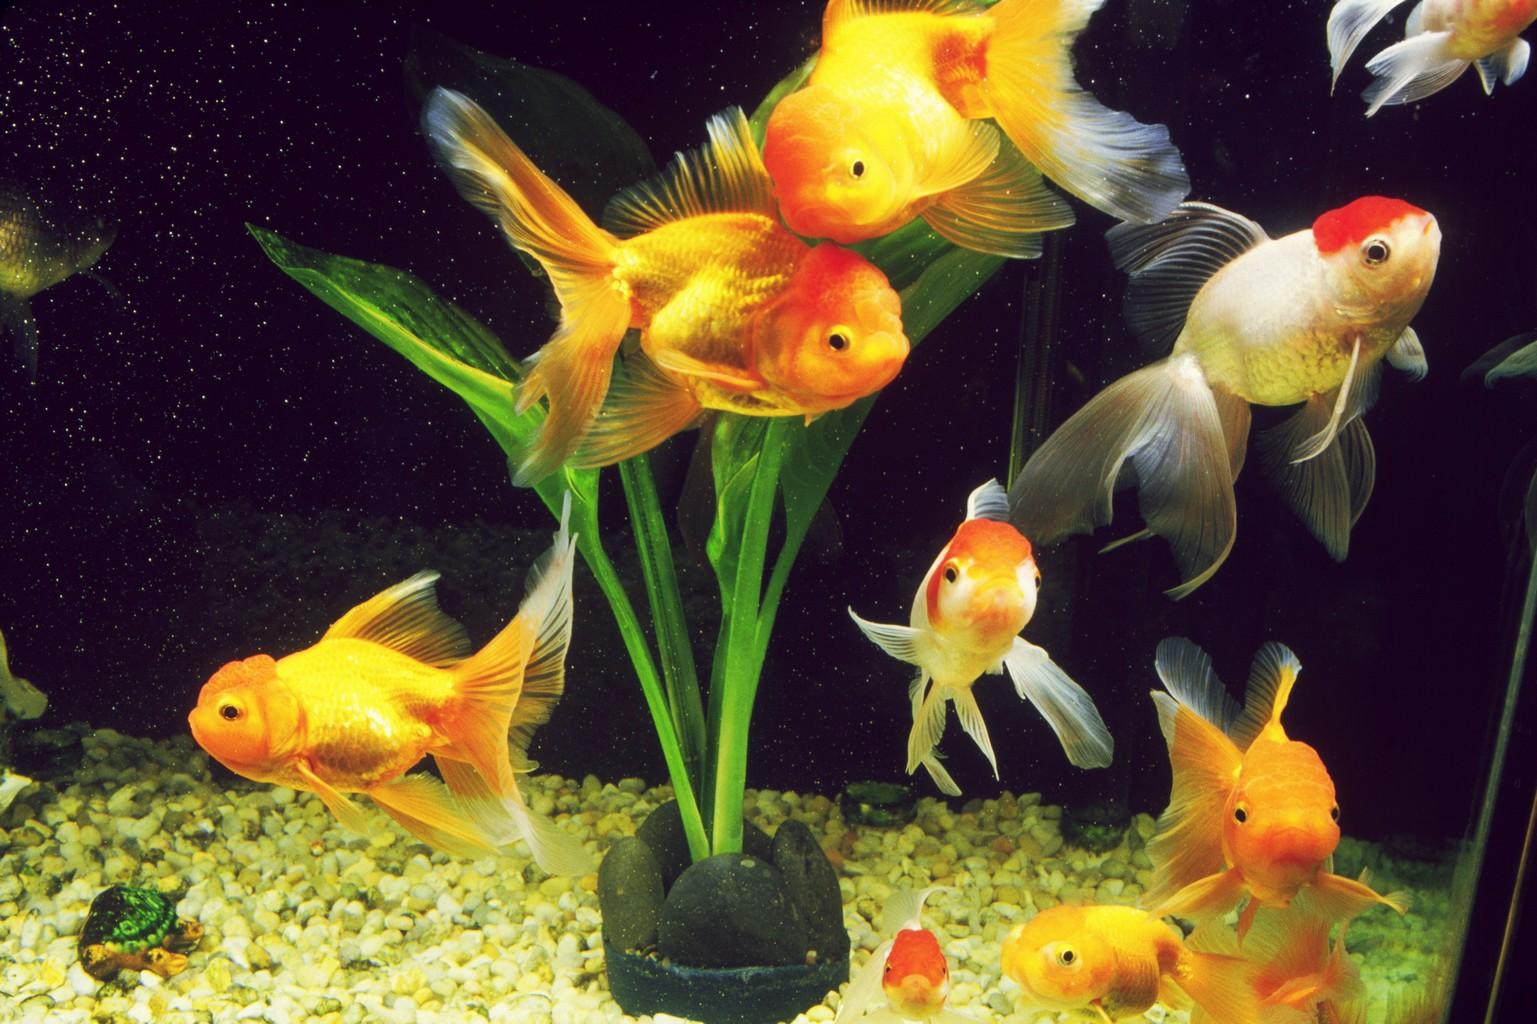 К чему снятся аквариумные рыбки: толкование значения сна по различным сонникам для мужчин и женщин